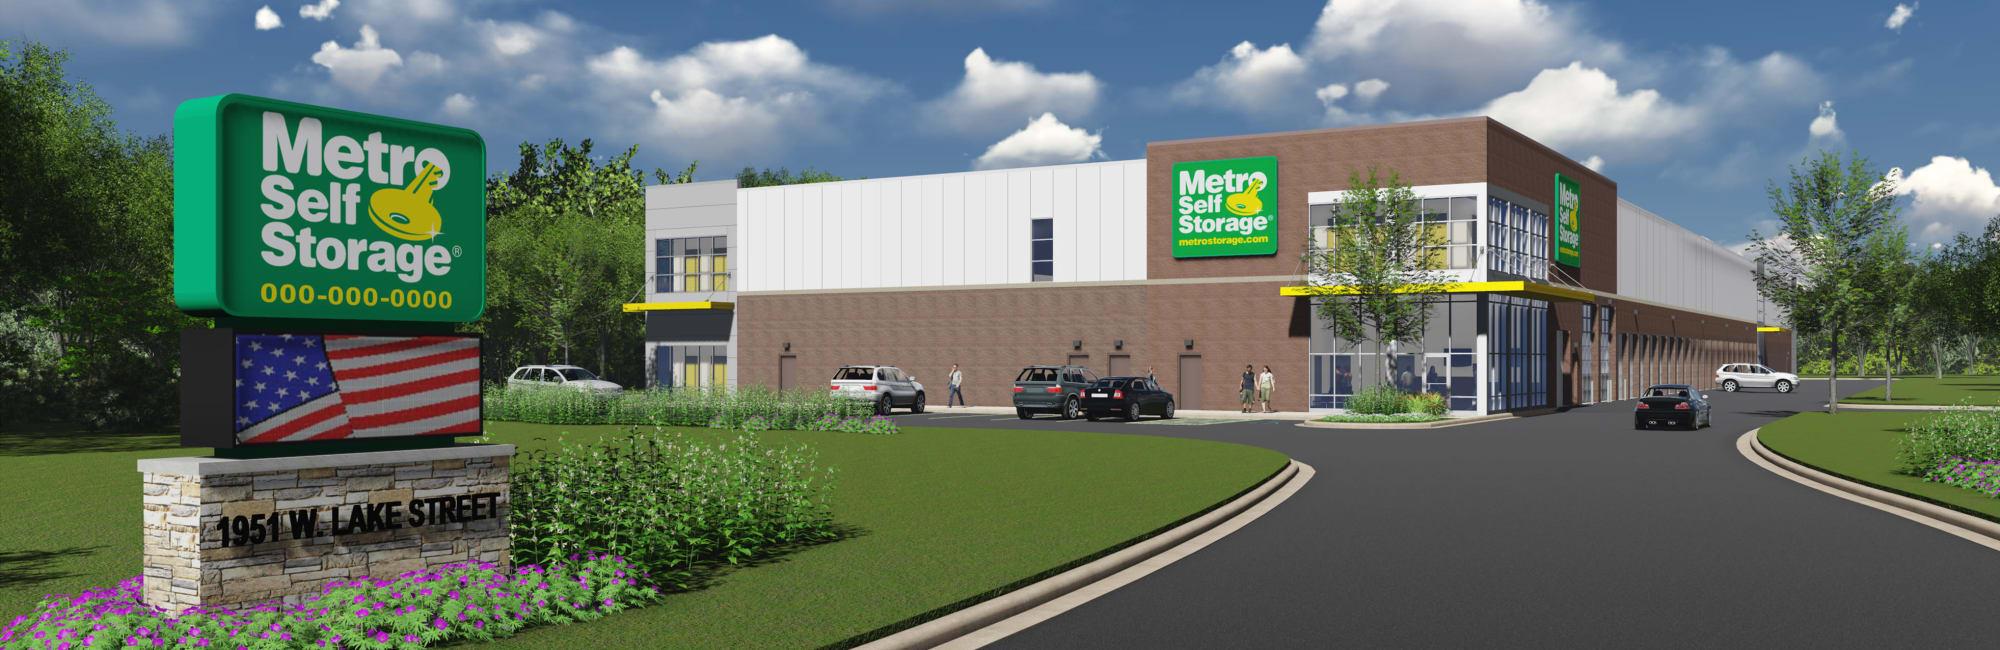 Metro Self Storage in Addison, IL